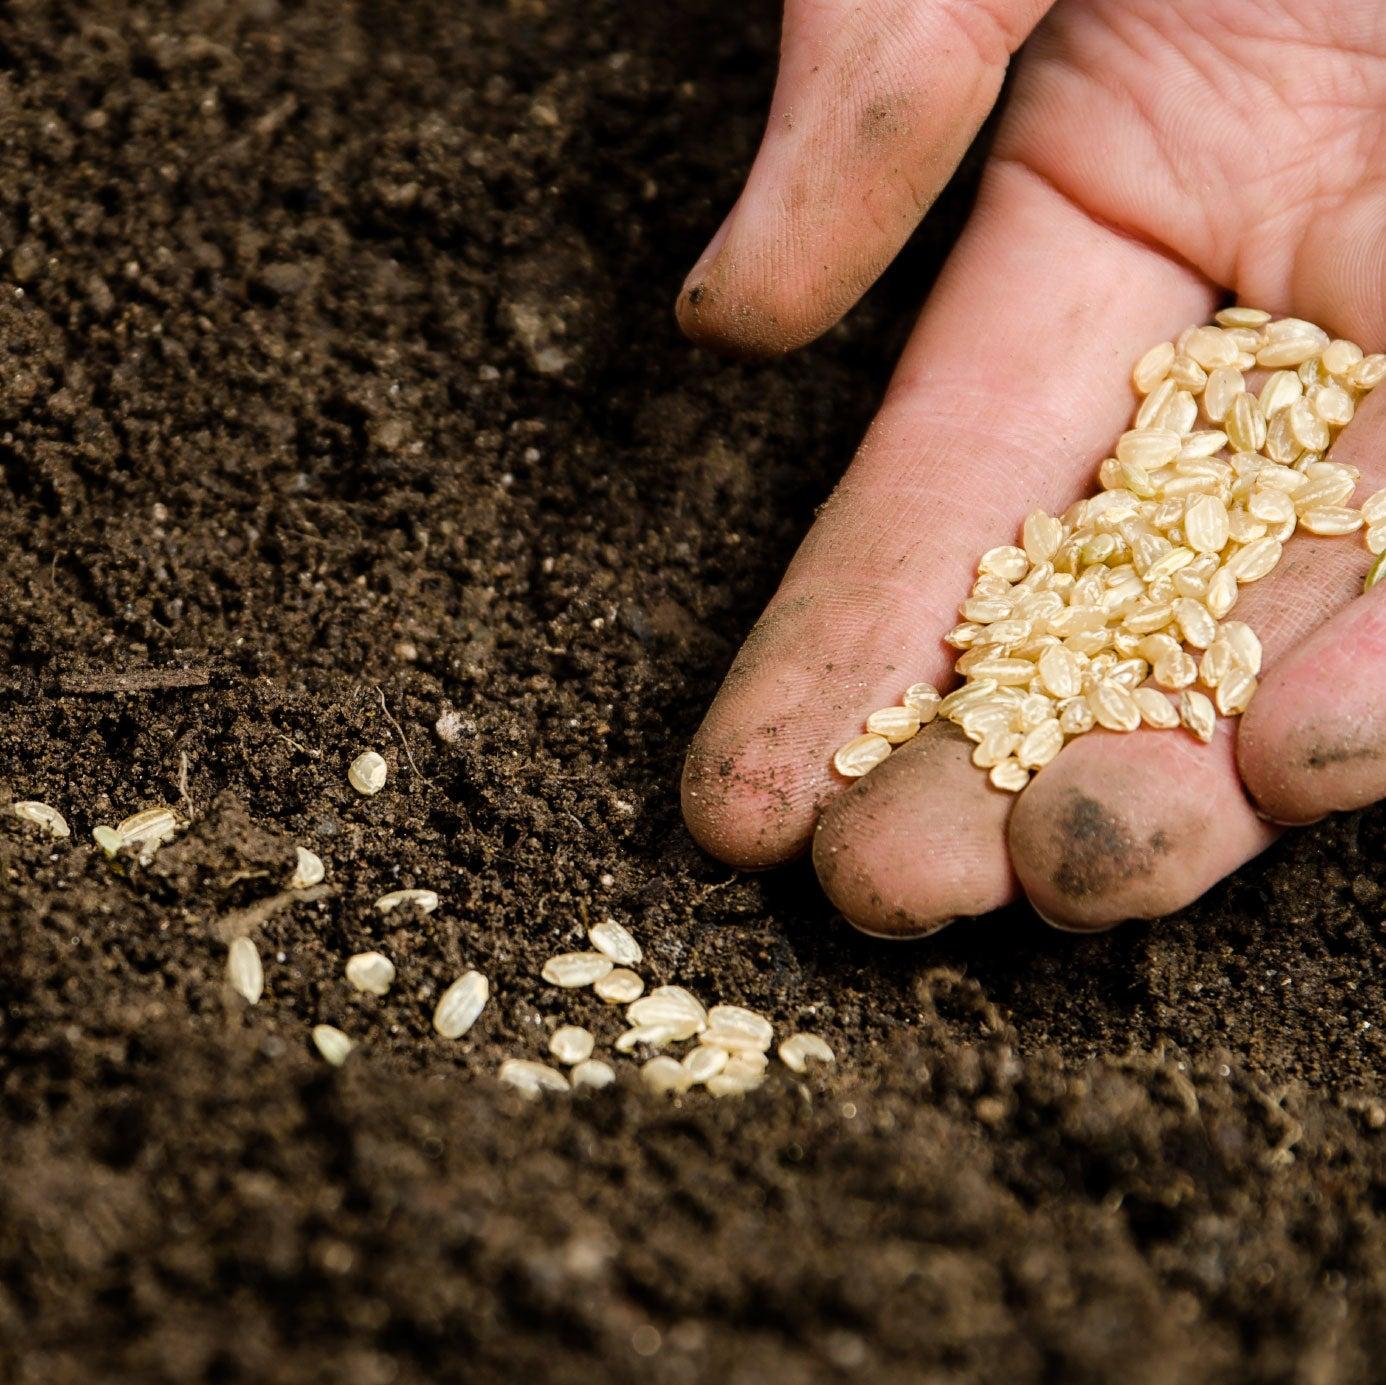 Gardening: Gardening Seeds